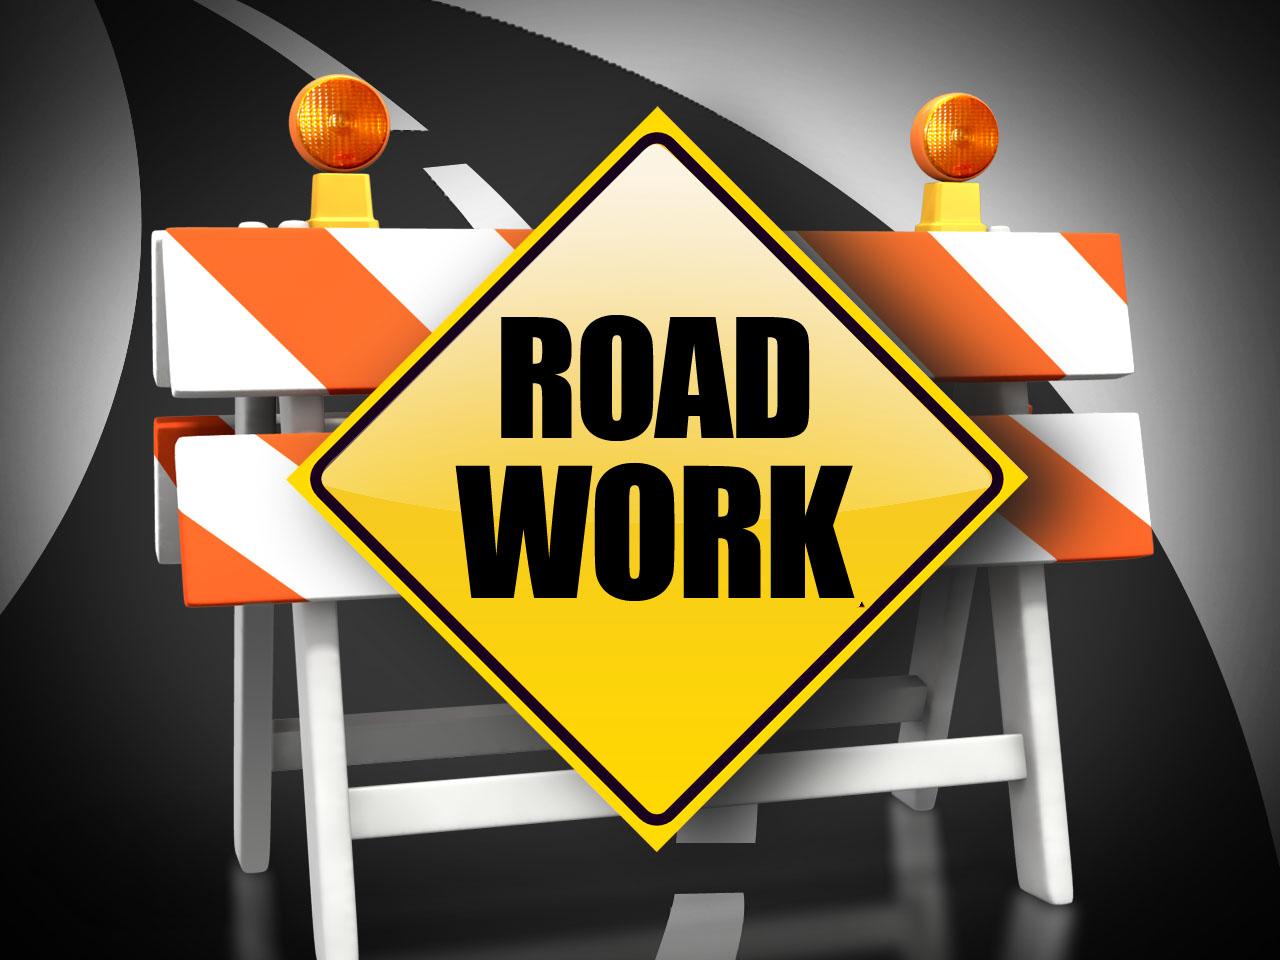 road work_1434494337024.jpg